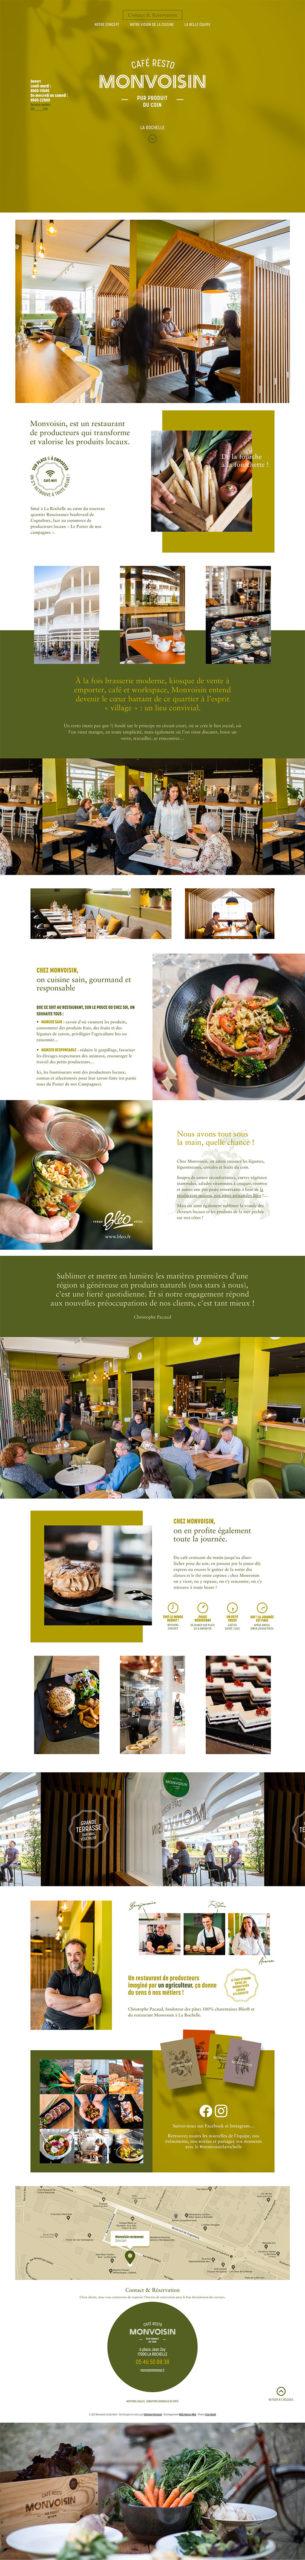 Café Restaurant Monvoisin